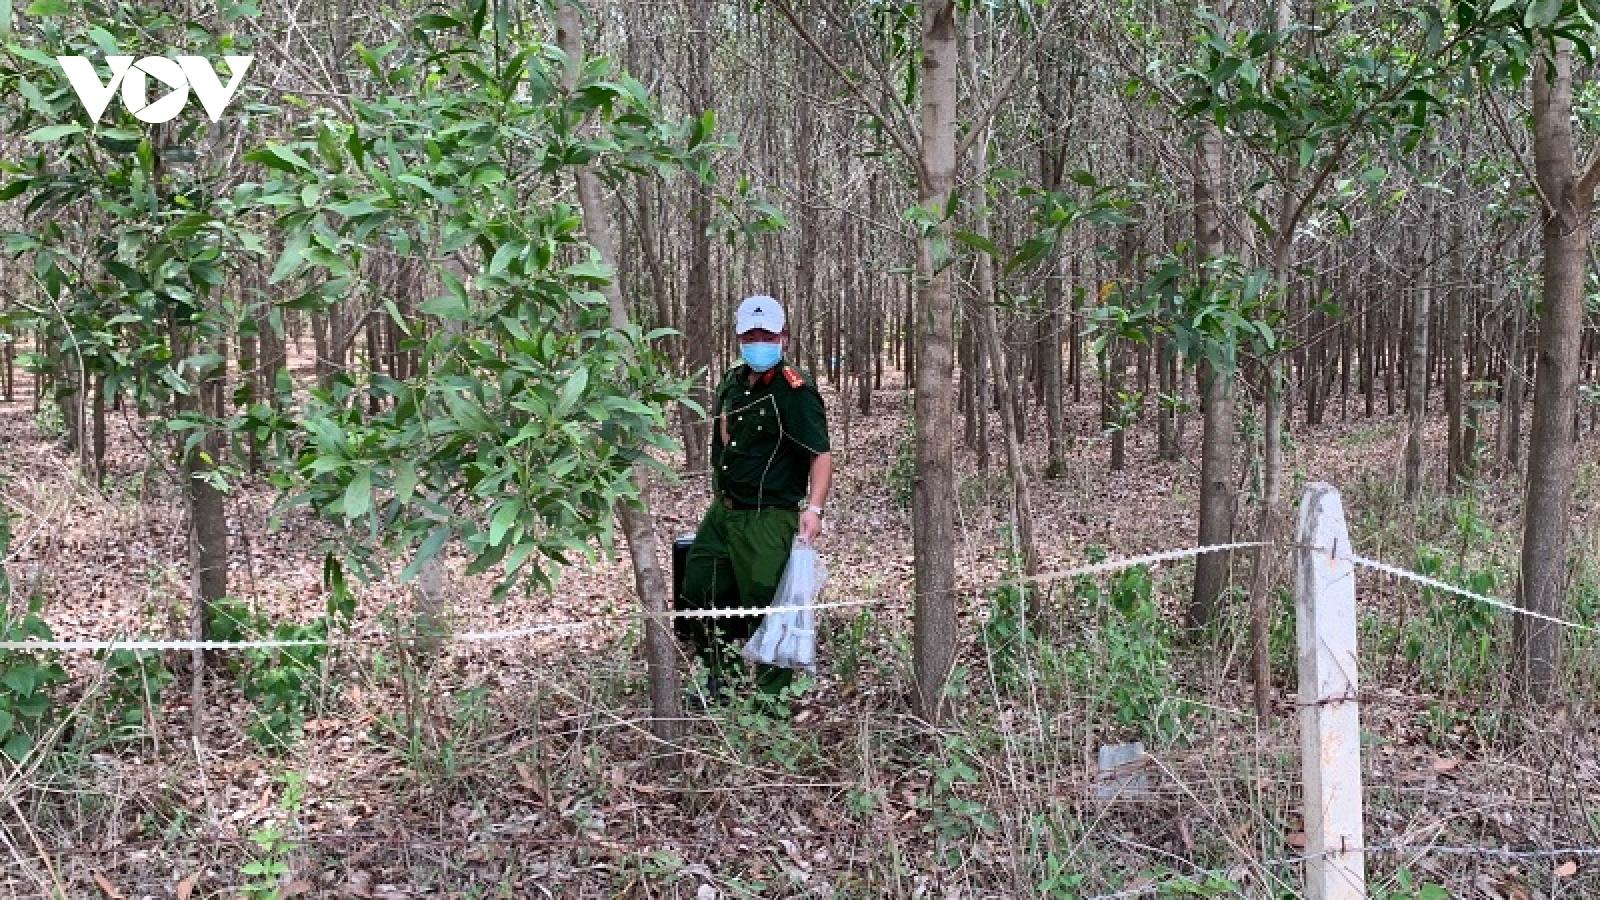 Phát hiện thi thể tại khu rừng tràm ở Bình Thuận